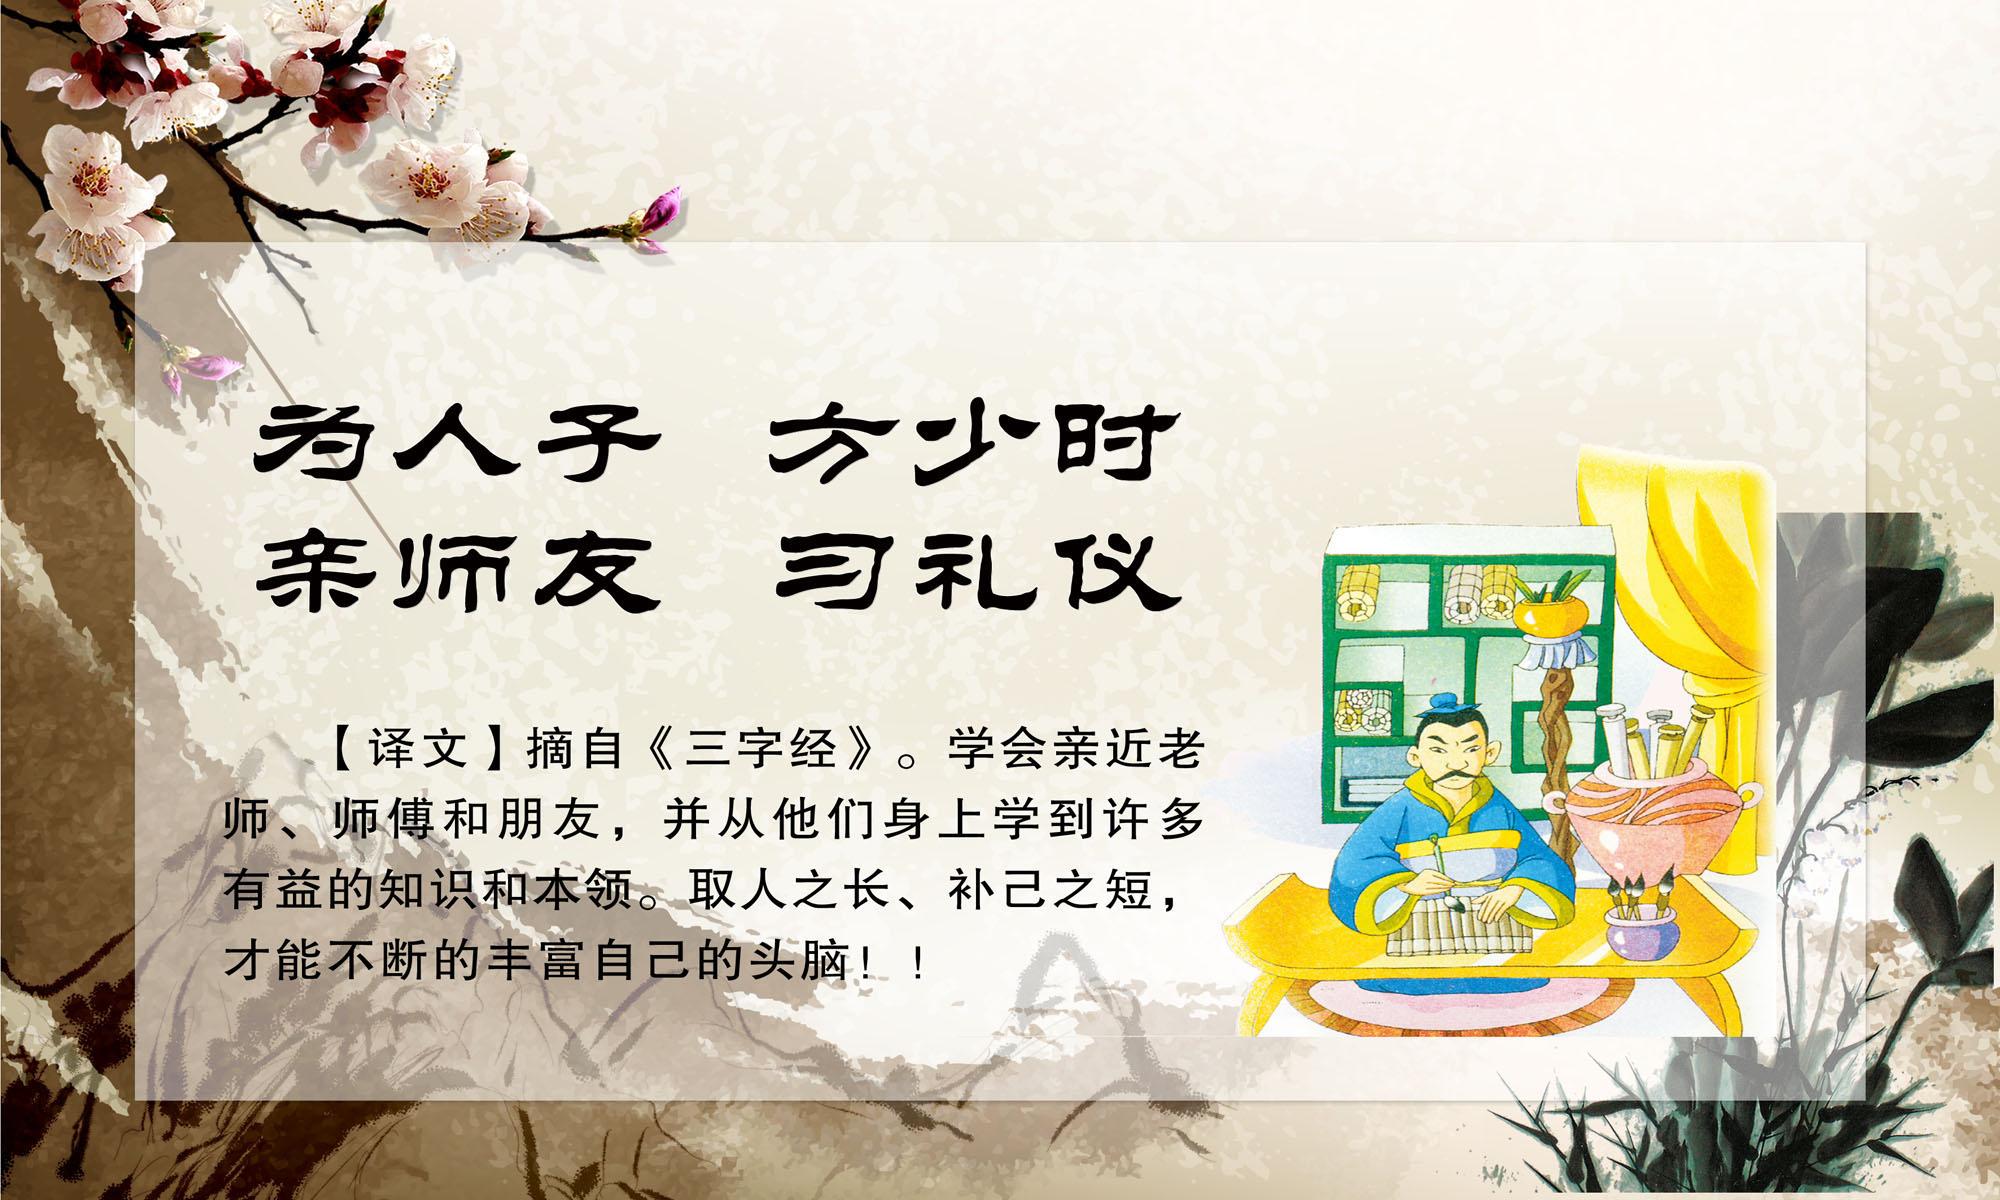 706基础建材海报展板写真素材668学校三字经 名言警句古今译文